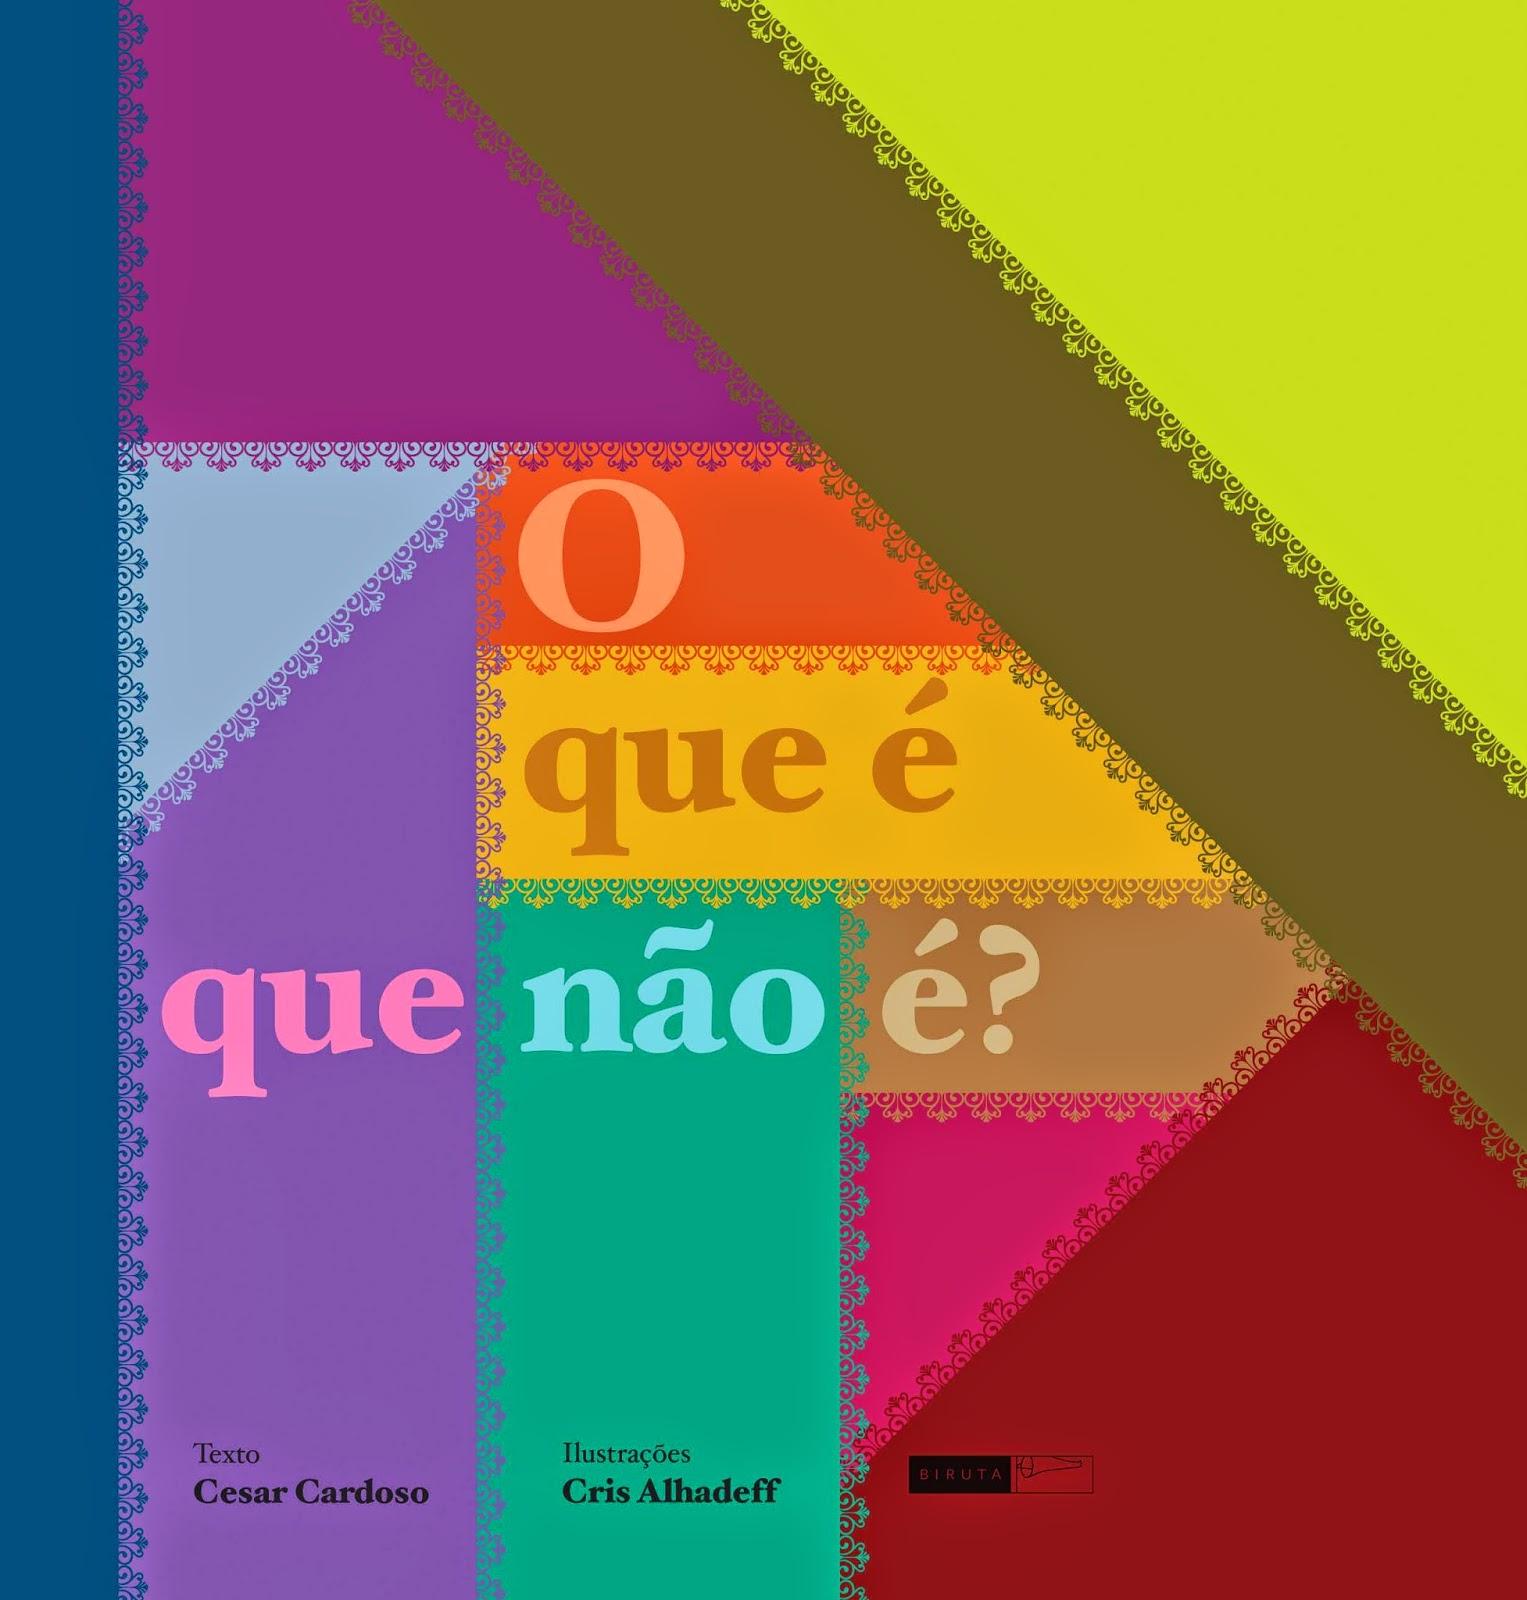 http://www.editorabiruta.com.br/livro/o-que-e-que-nao-e/